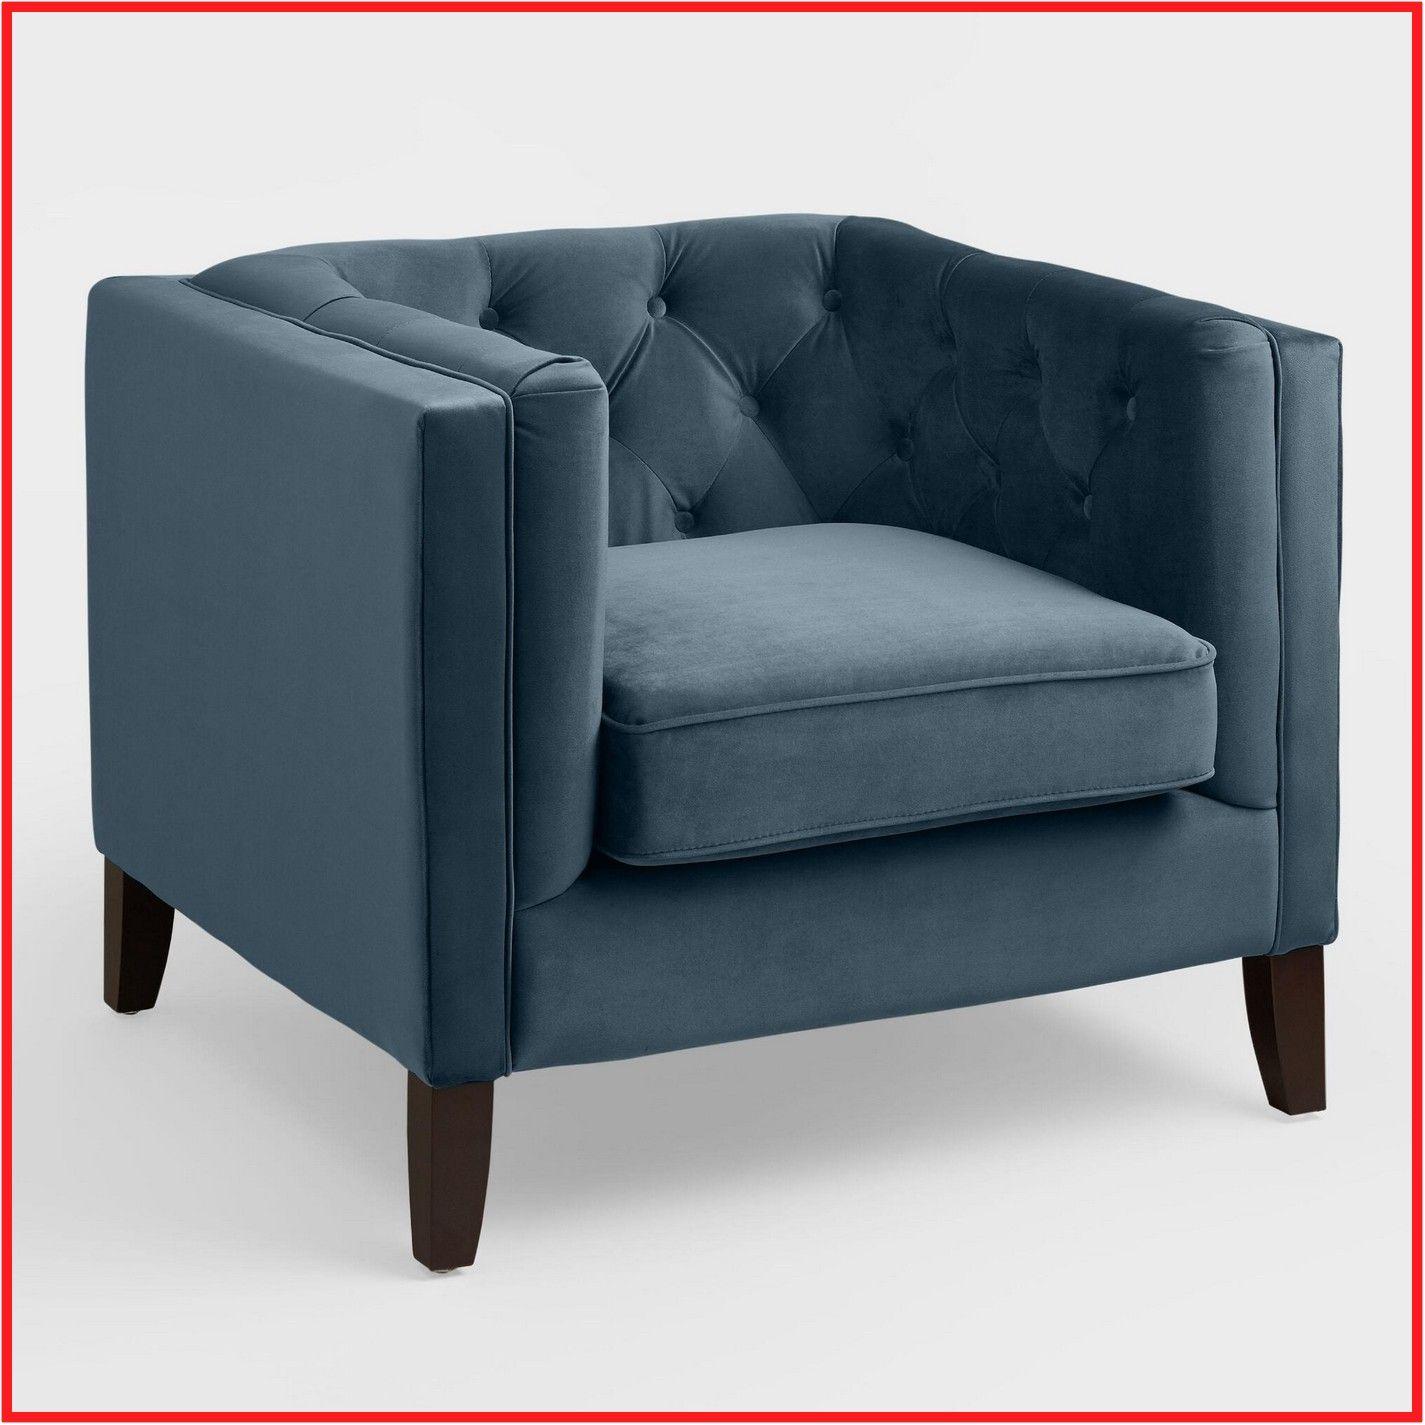 97 reference of swivel chair blue velvet in 2020 Velvet